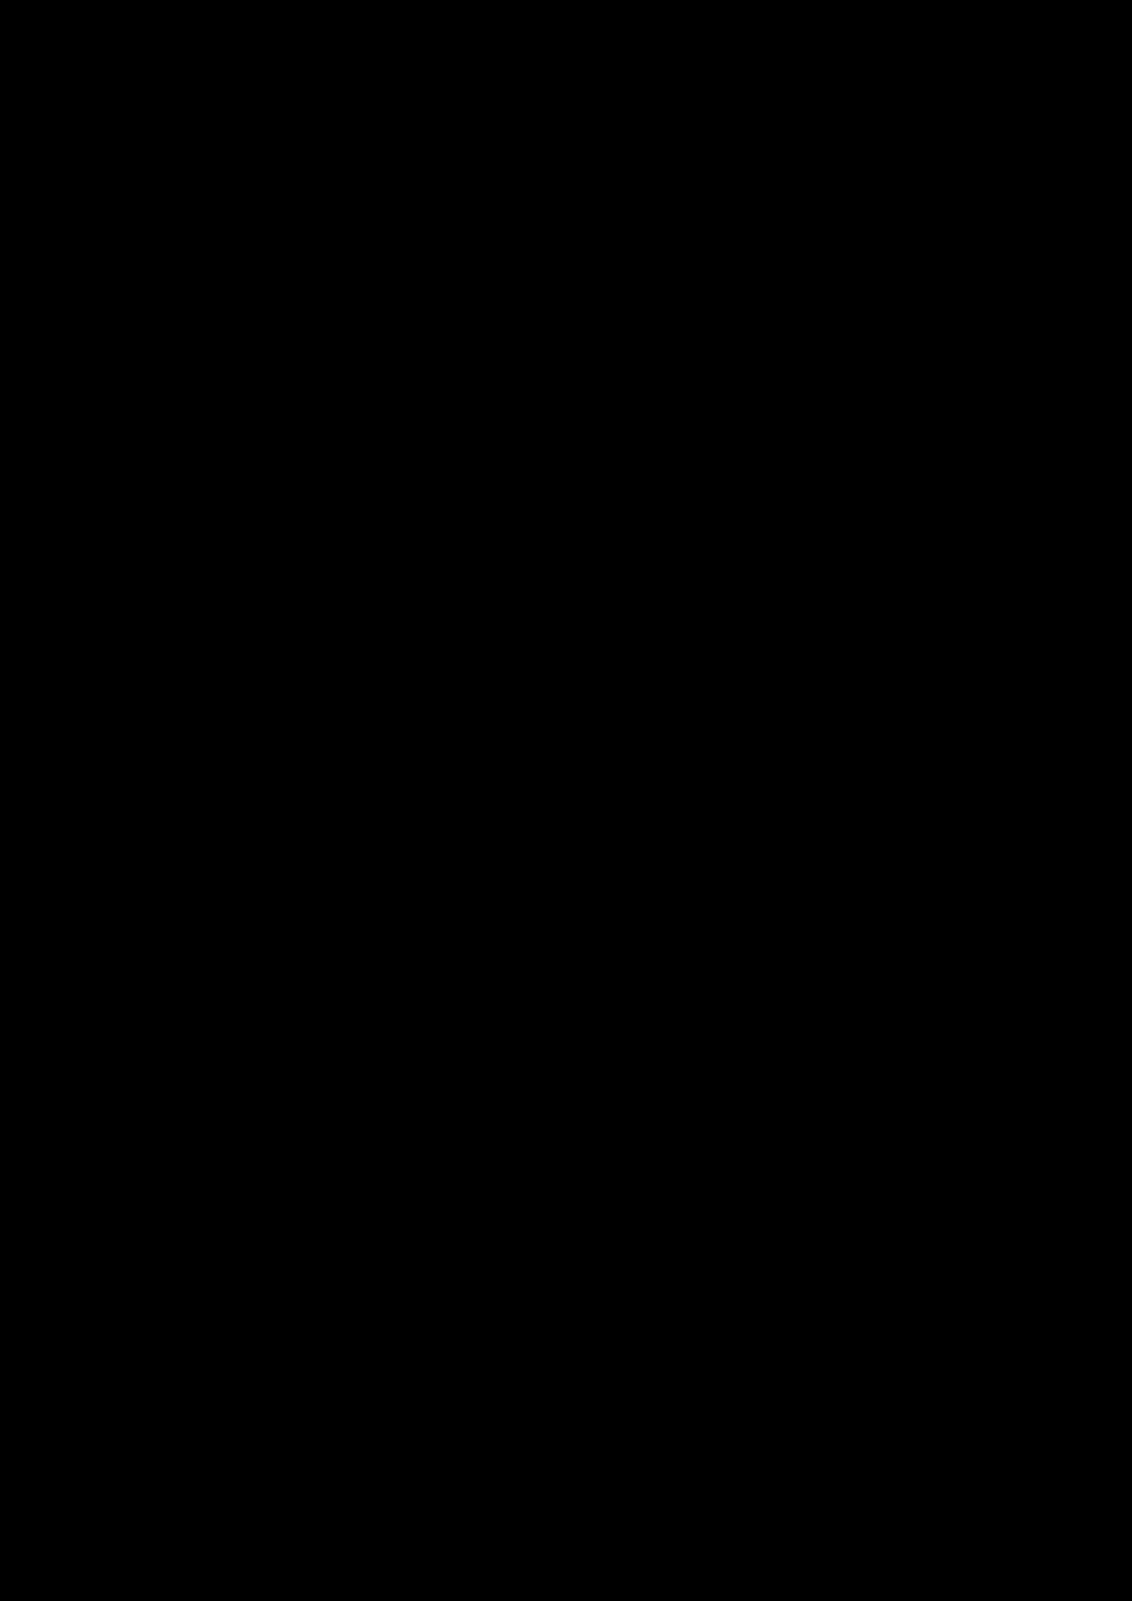 Hools slide, Image 21